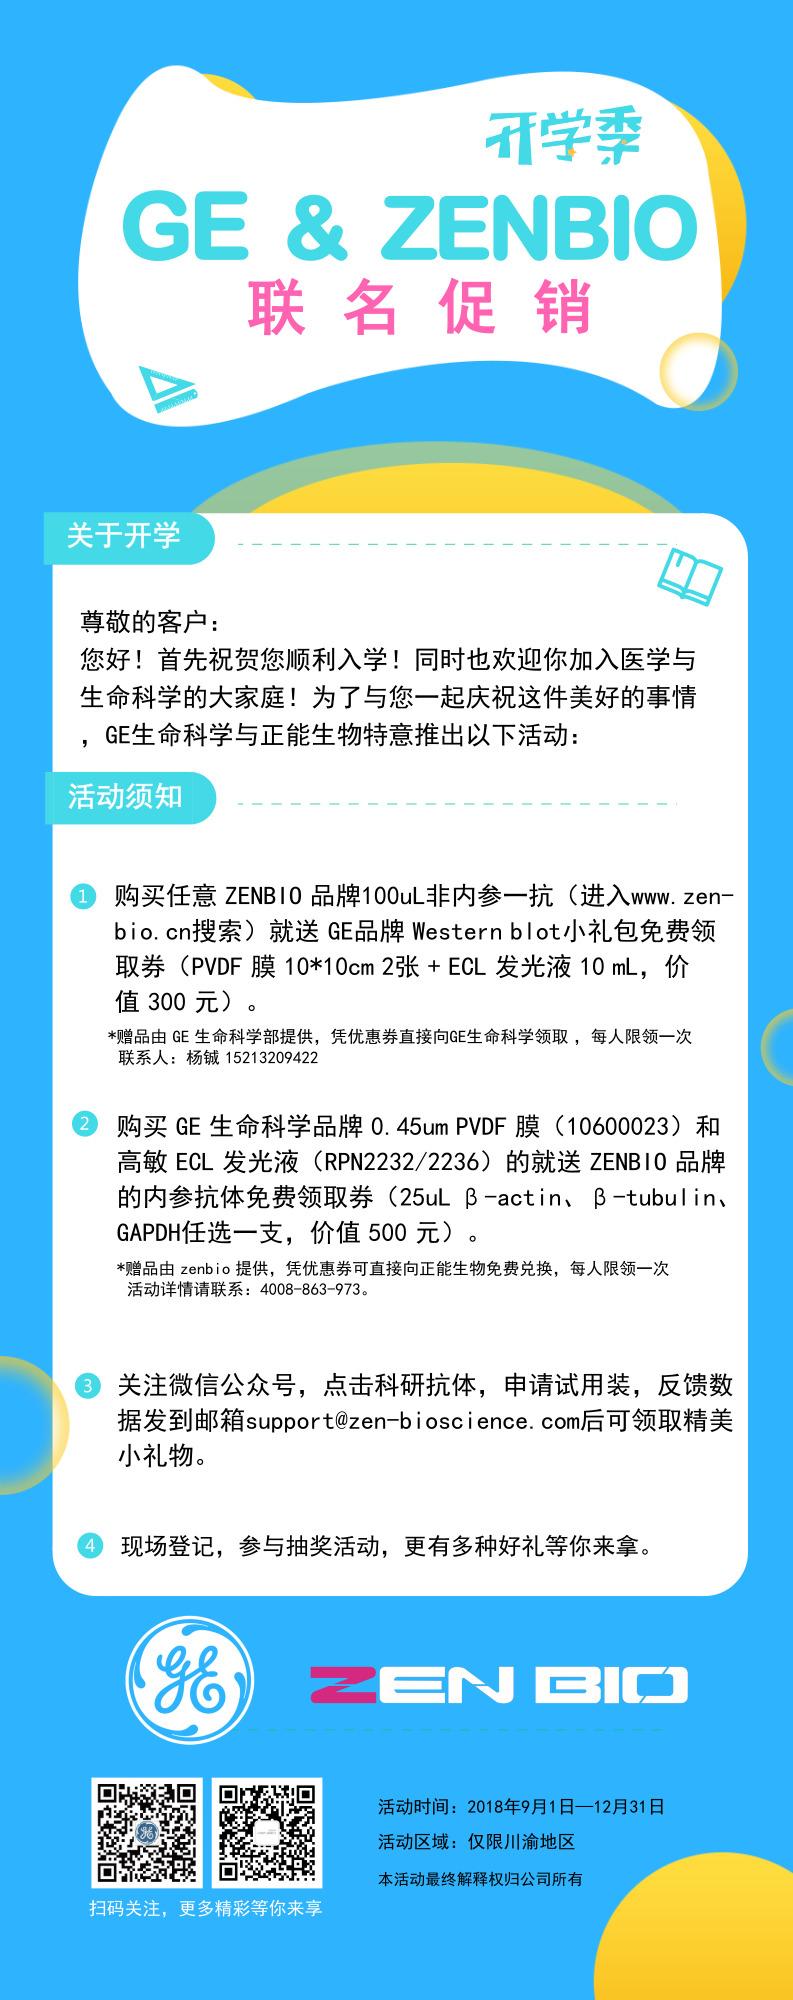 聯名活動2_自定義px_2018.10.16 (1).jpg